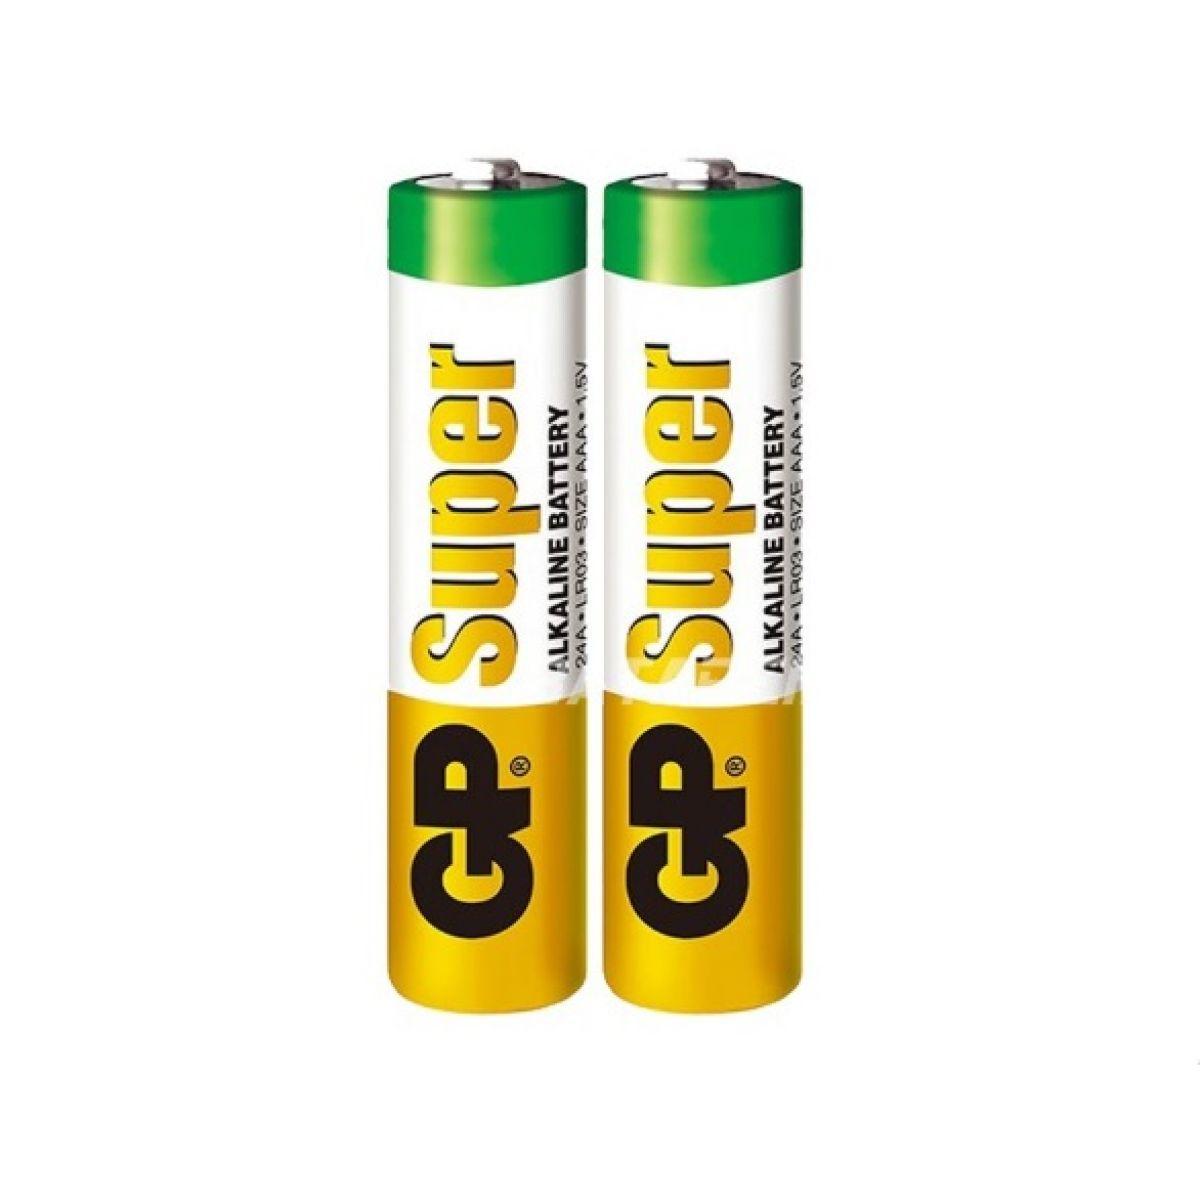 Батарейки GP SUPER мизинчиковые AAA 2 шт